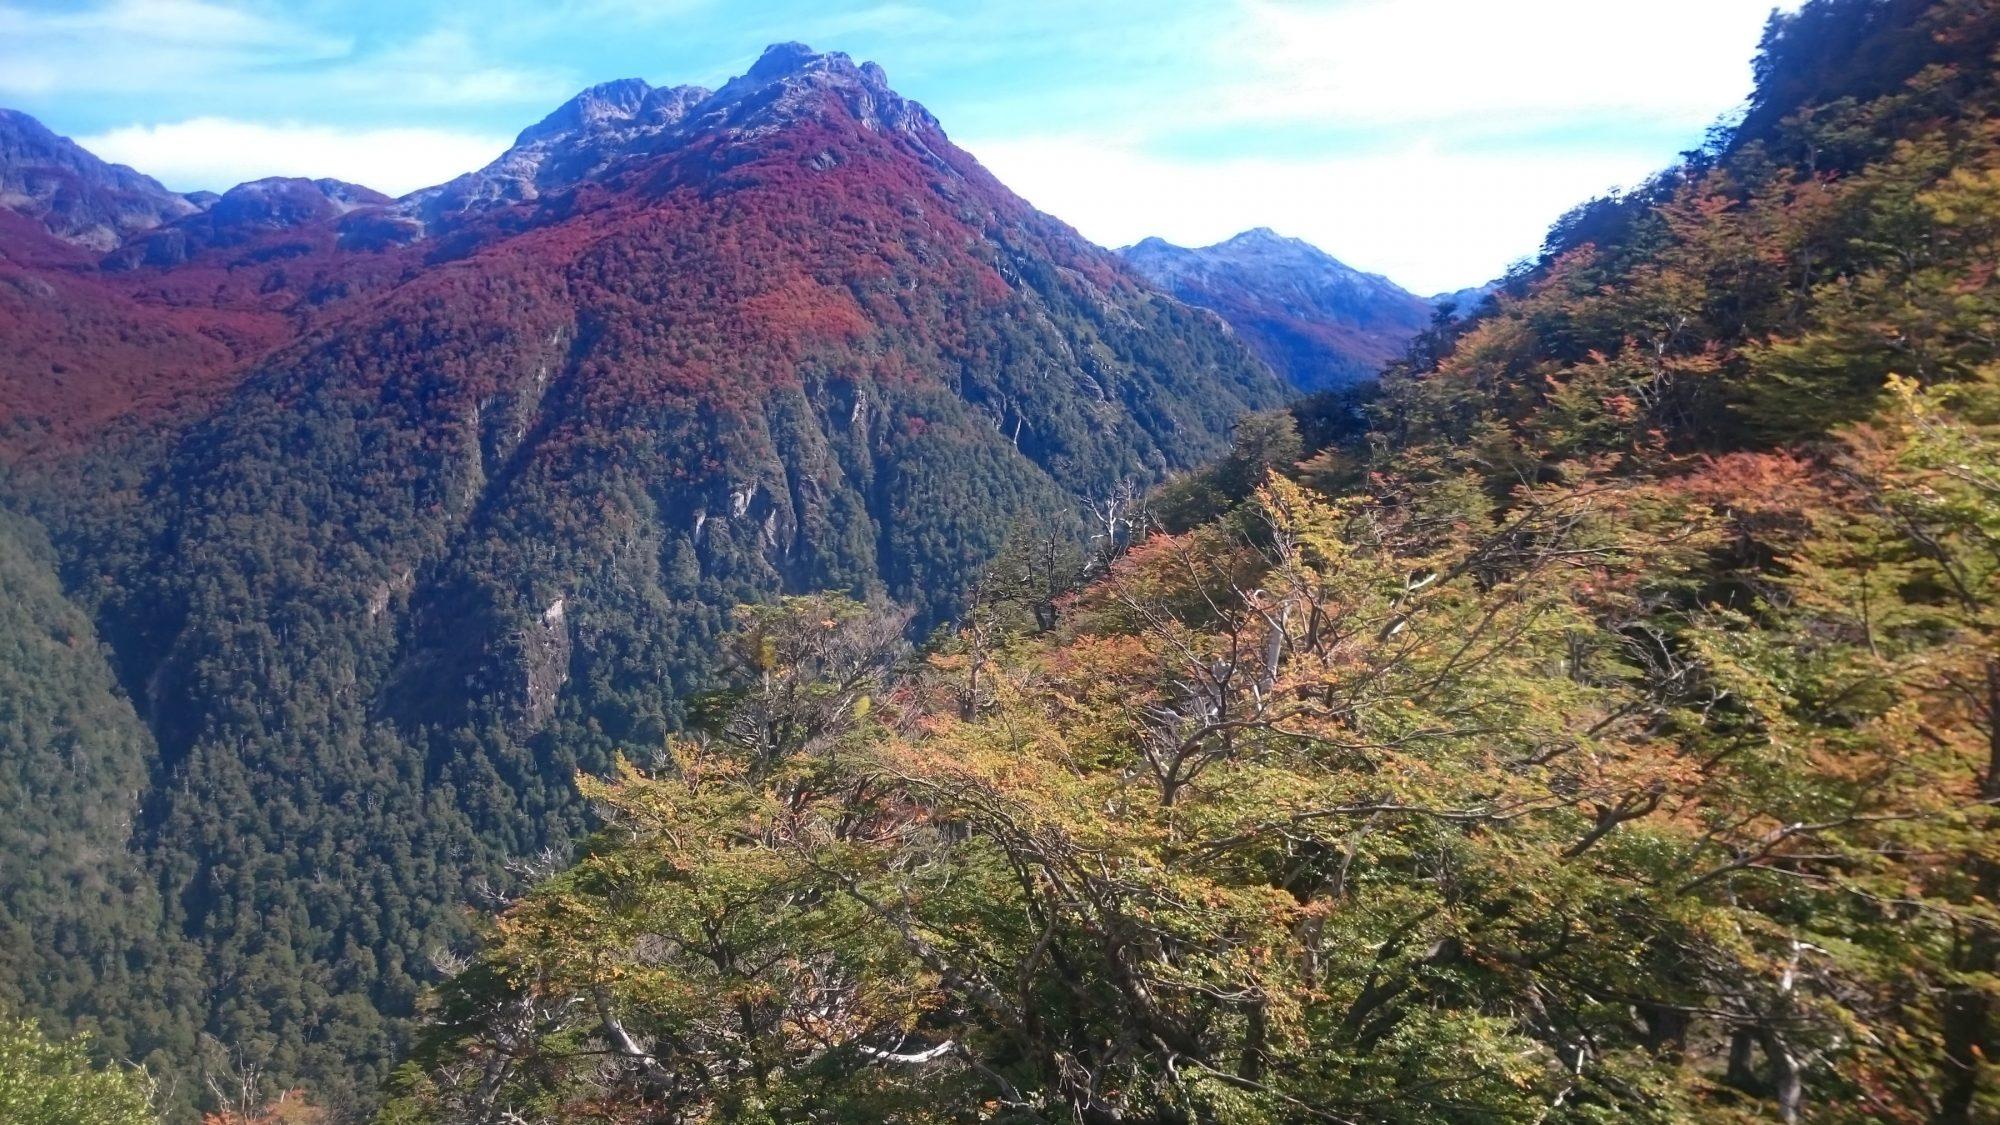 Fjella El Bolson Wanderung Patagonien Warton Dedo Gordo Encanto Blanco Wanderroute Wandern